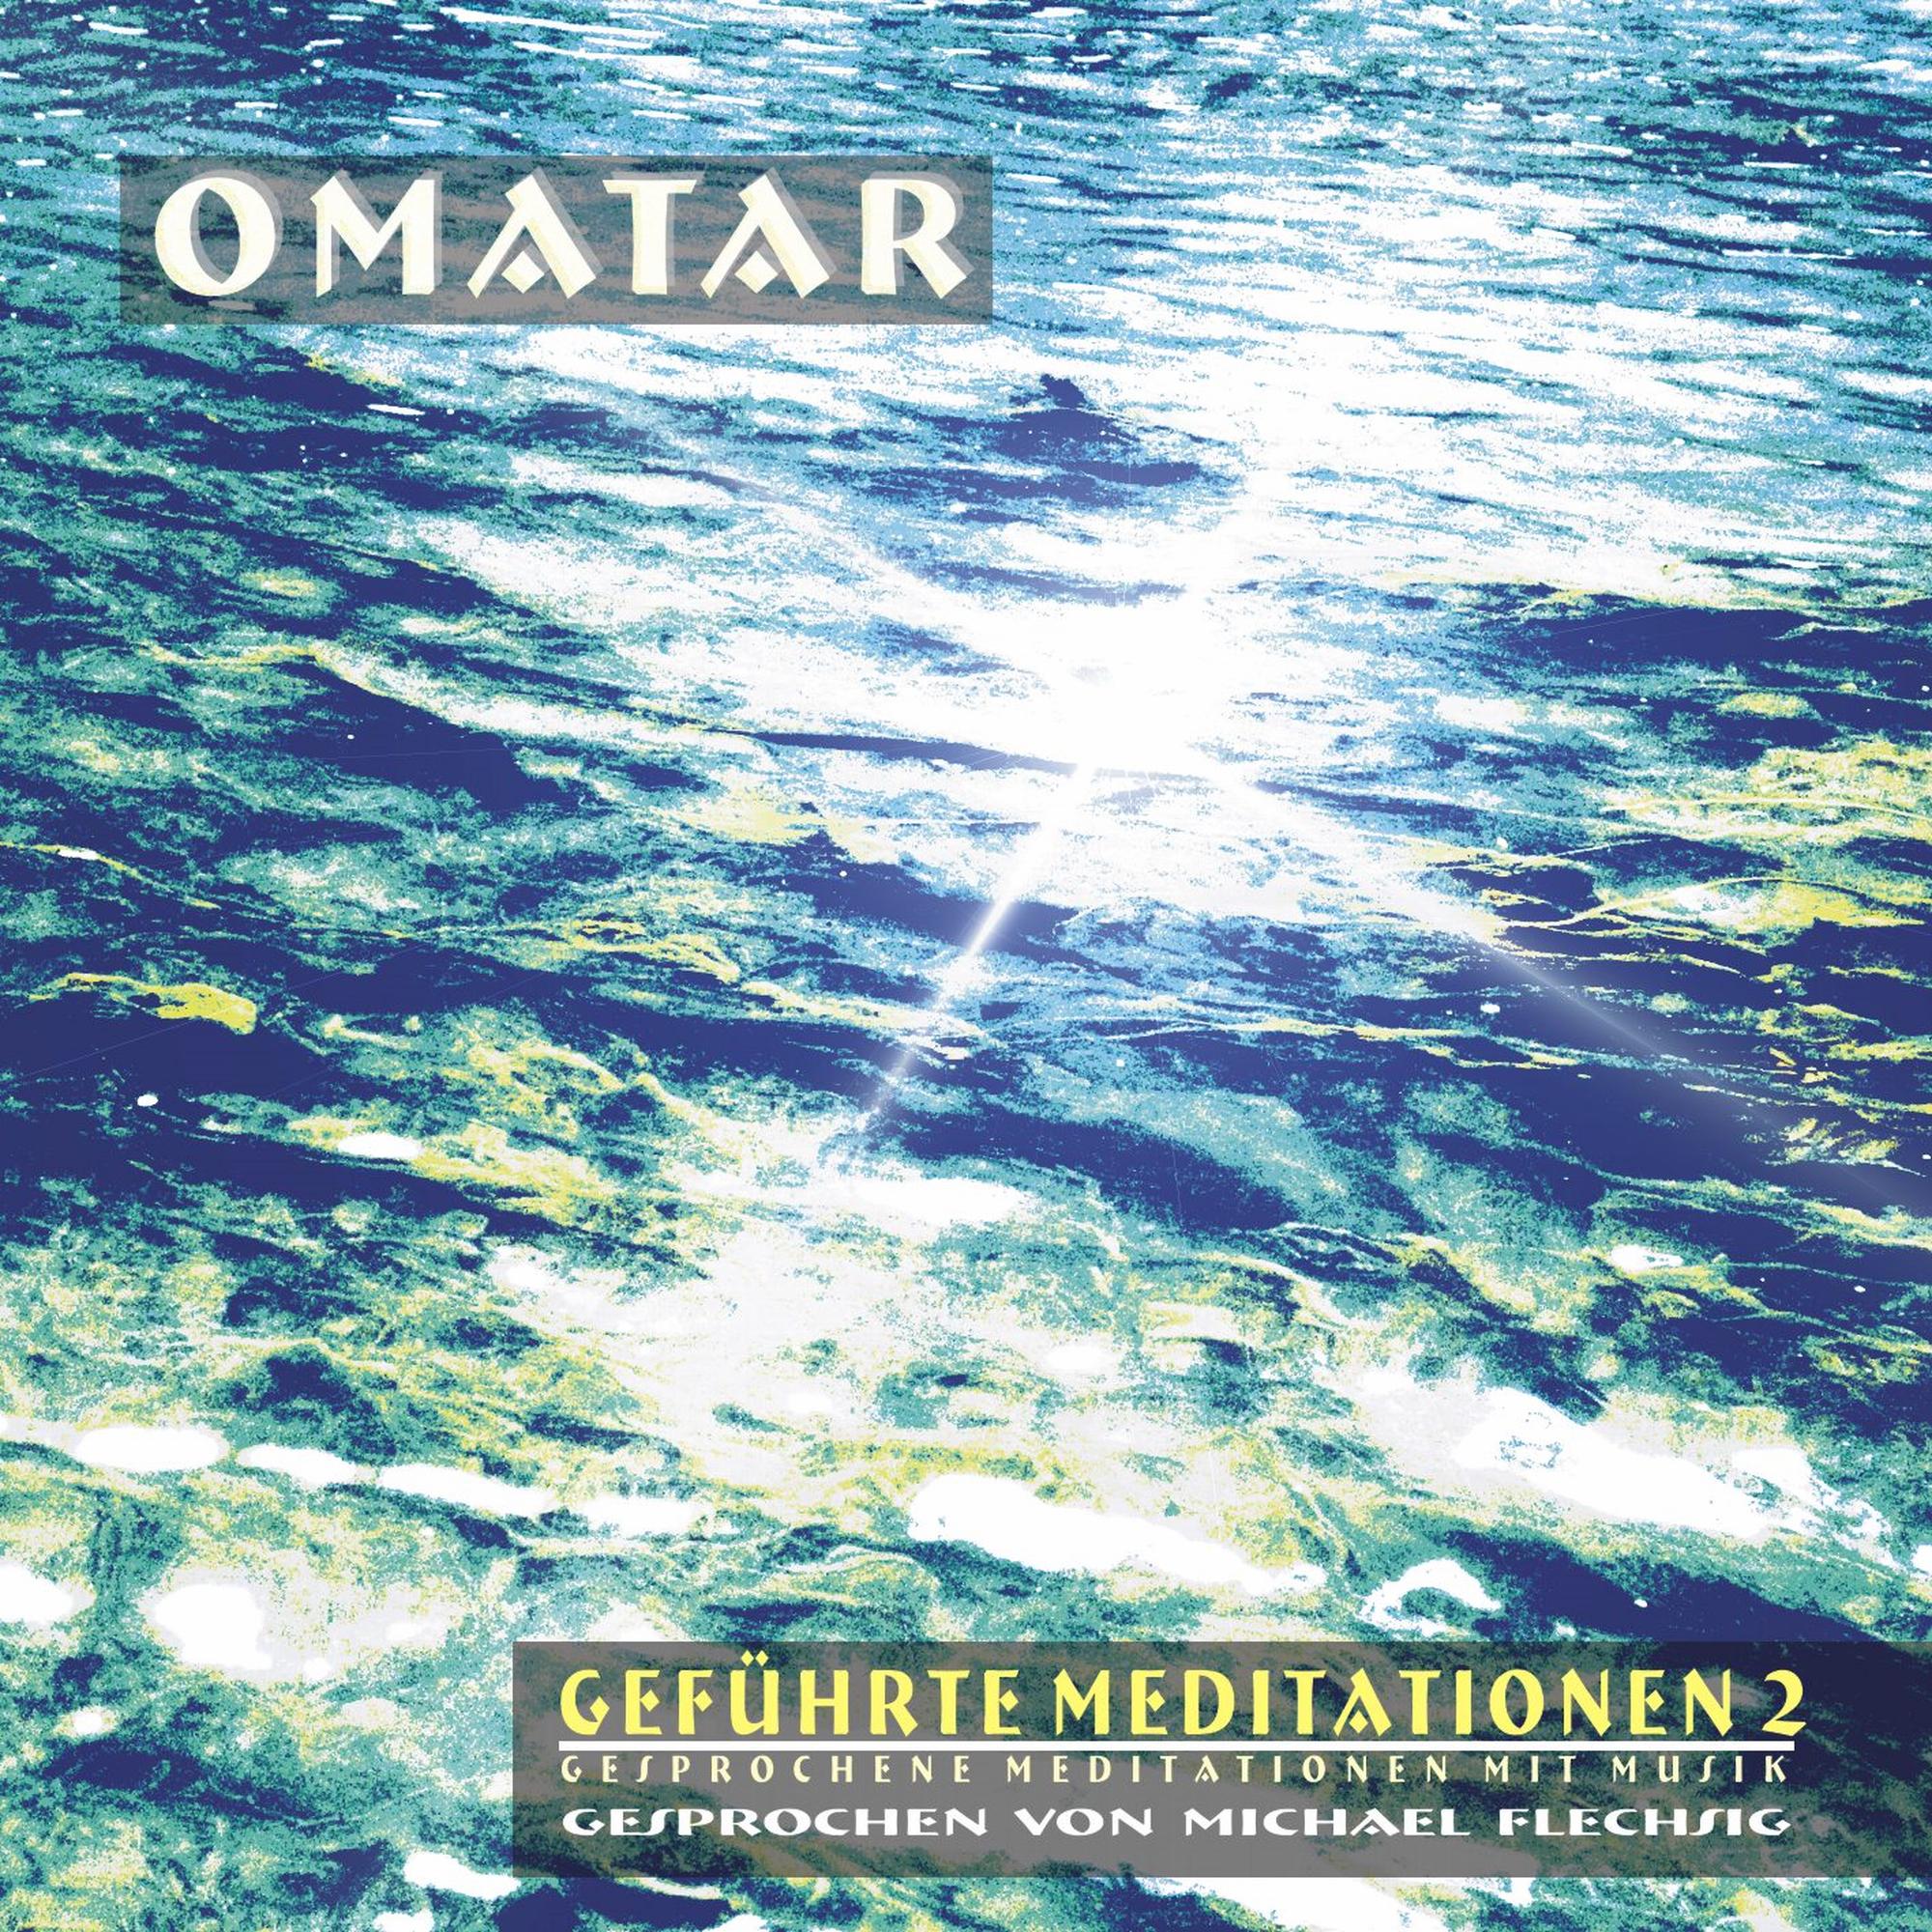 Omatar-geführte-Meditationen-2